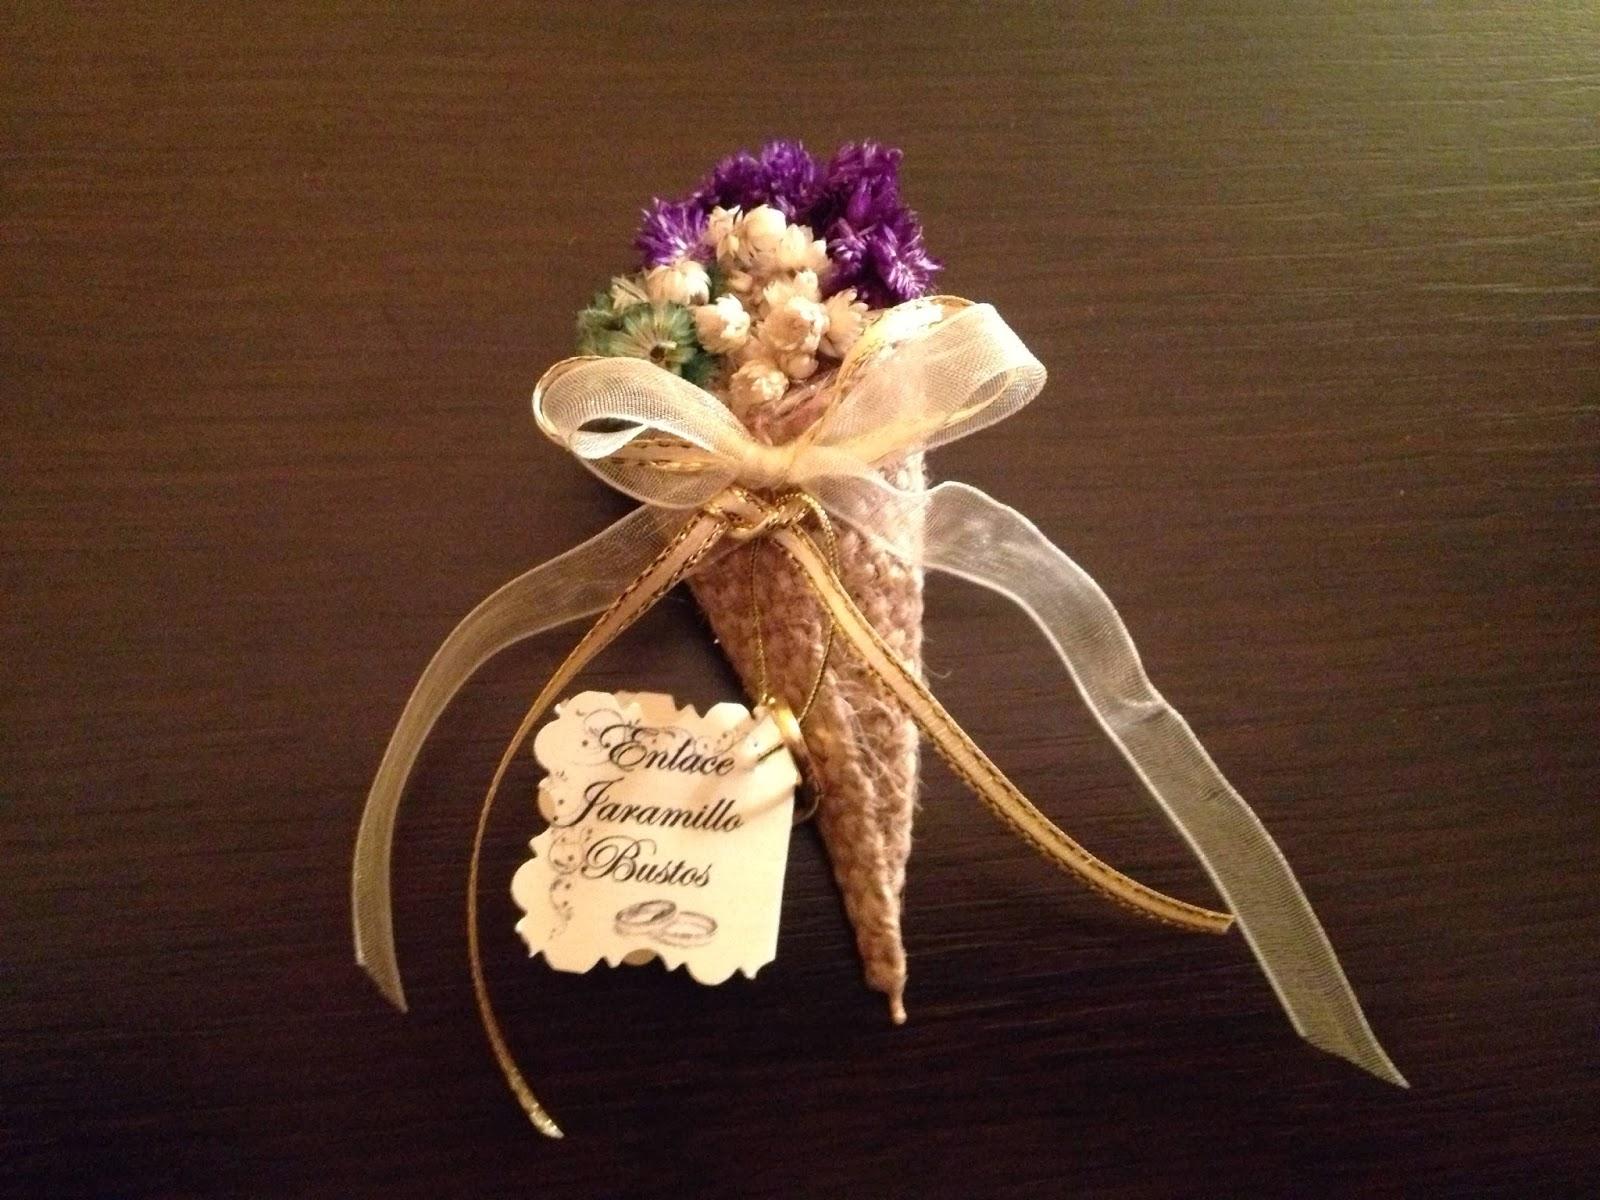 Matrimonio Rustico Elegante : Creaciones ban ron encintados matrimonio